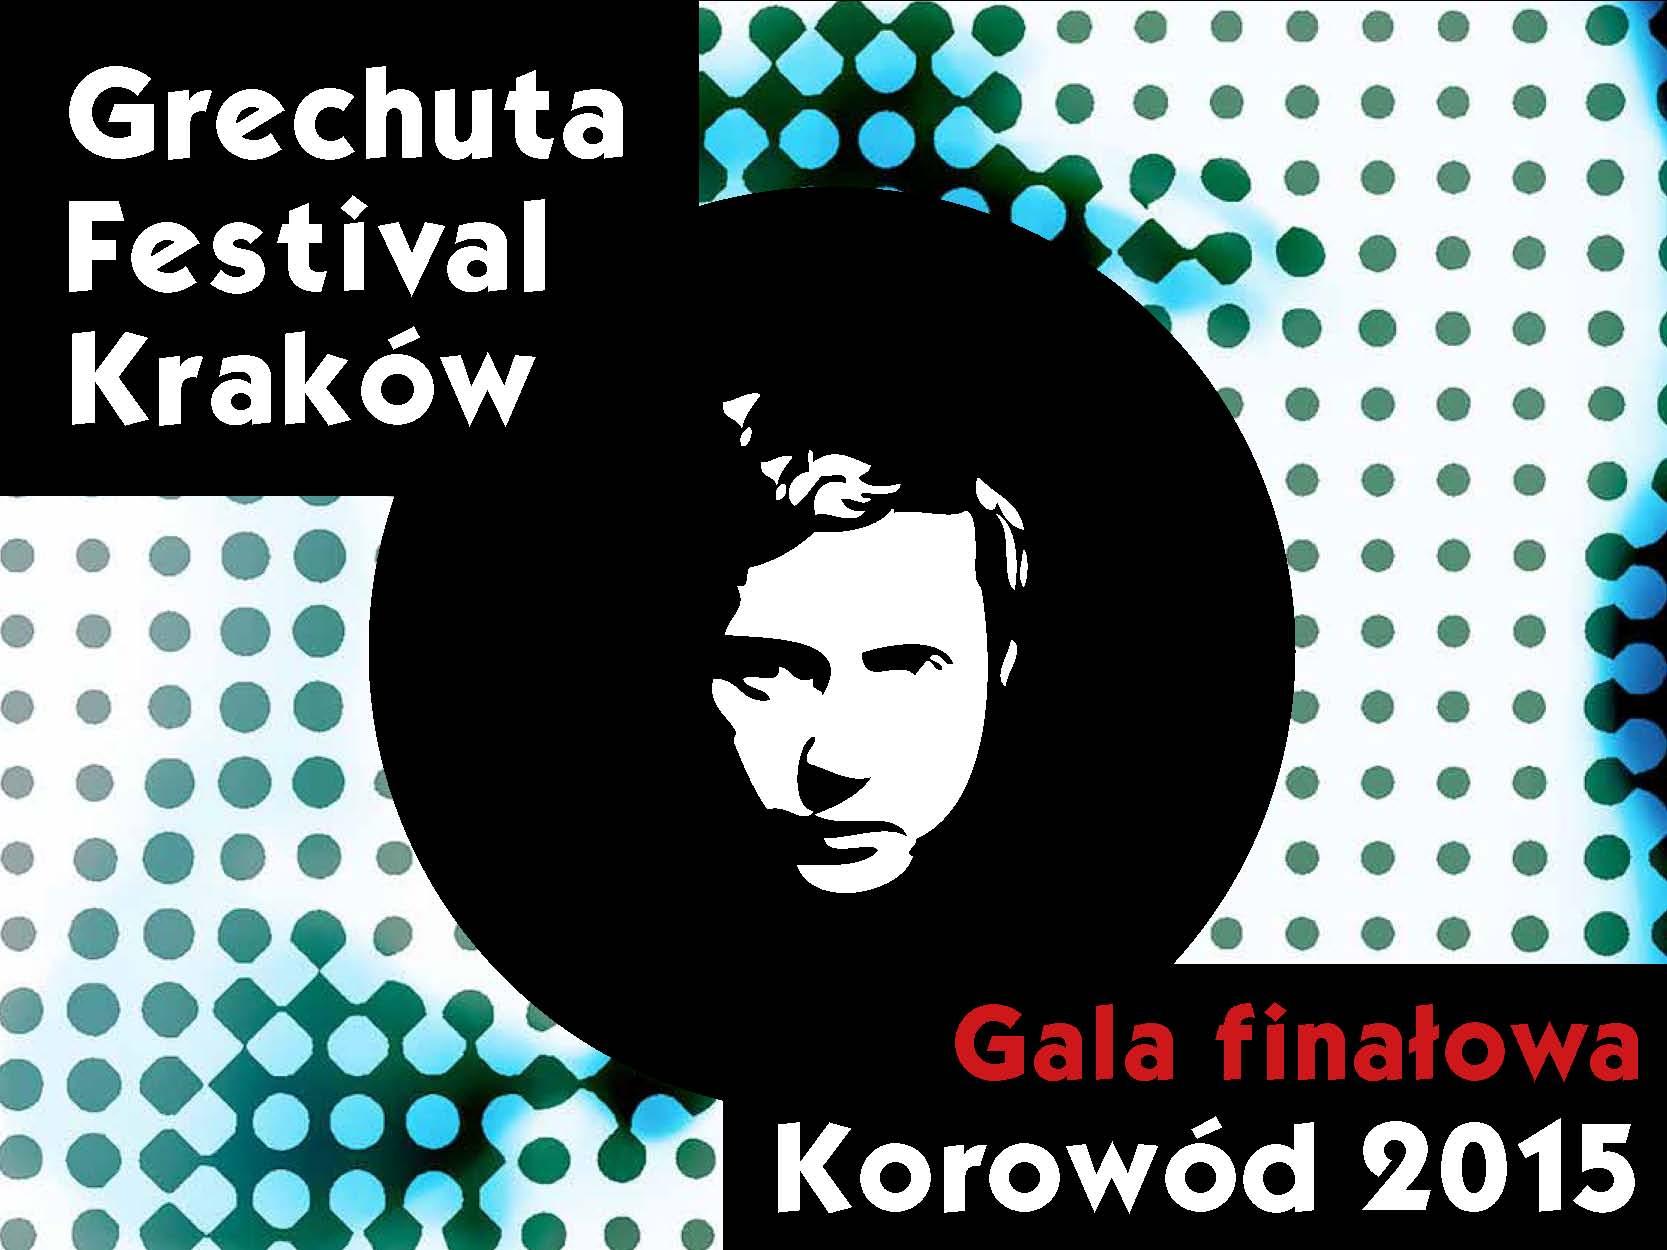 Gala Finałowa Grechuta Festival 2015 Kraków – plakat (źródło: materiały prasowe)